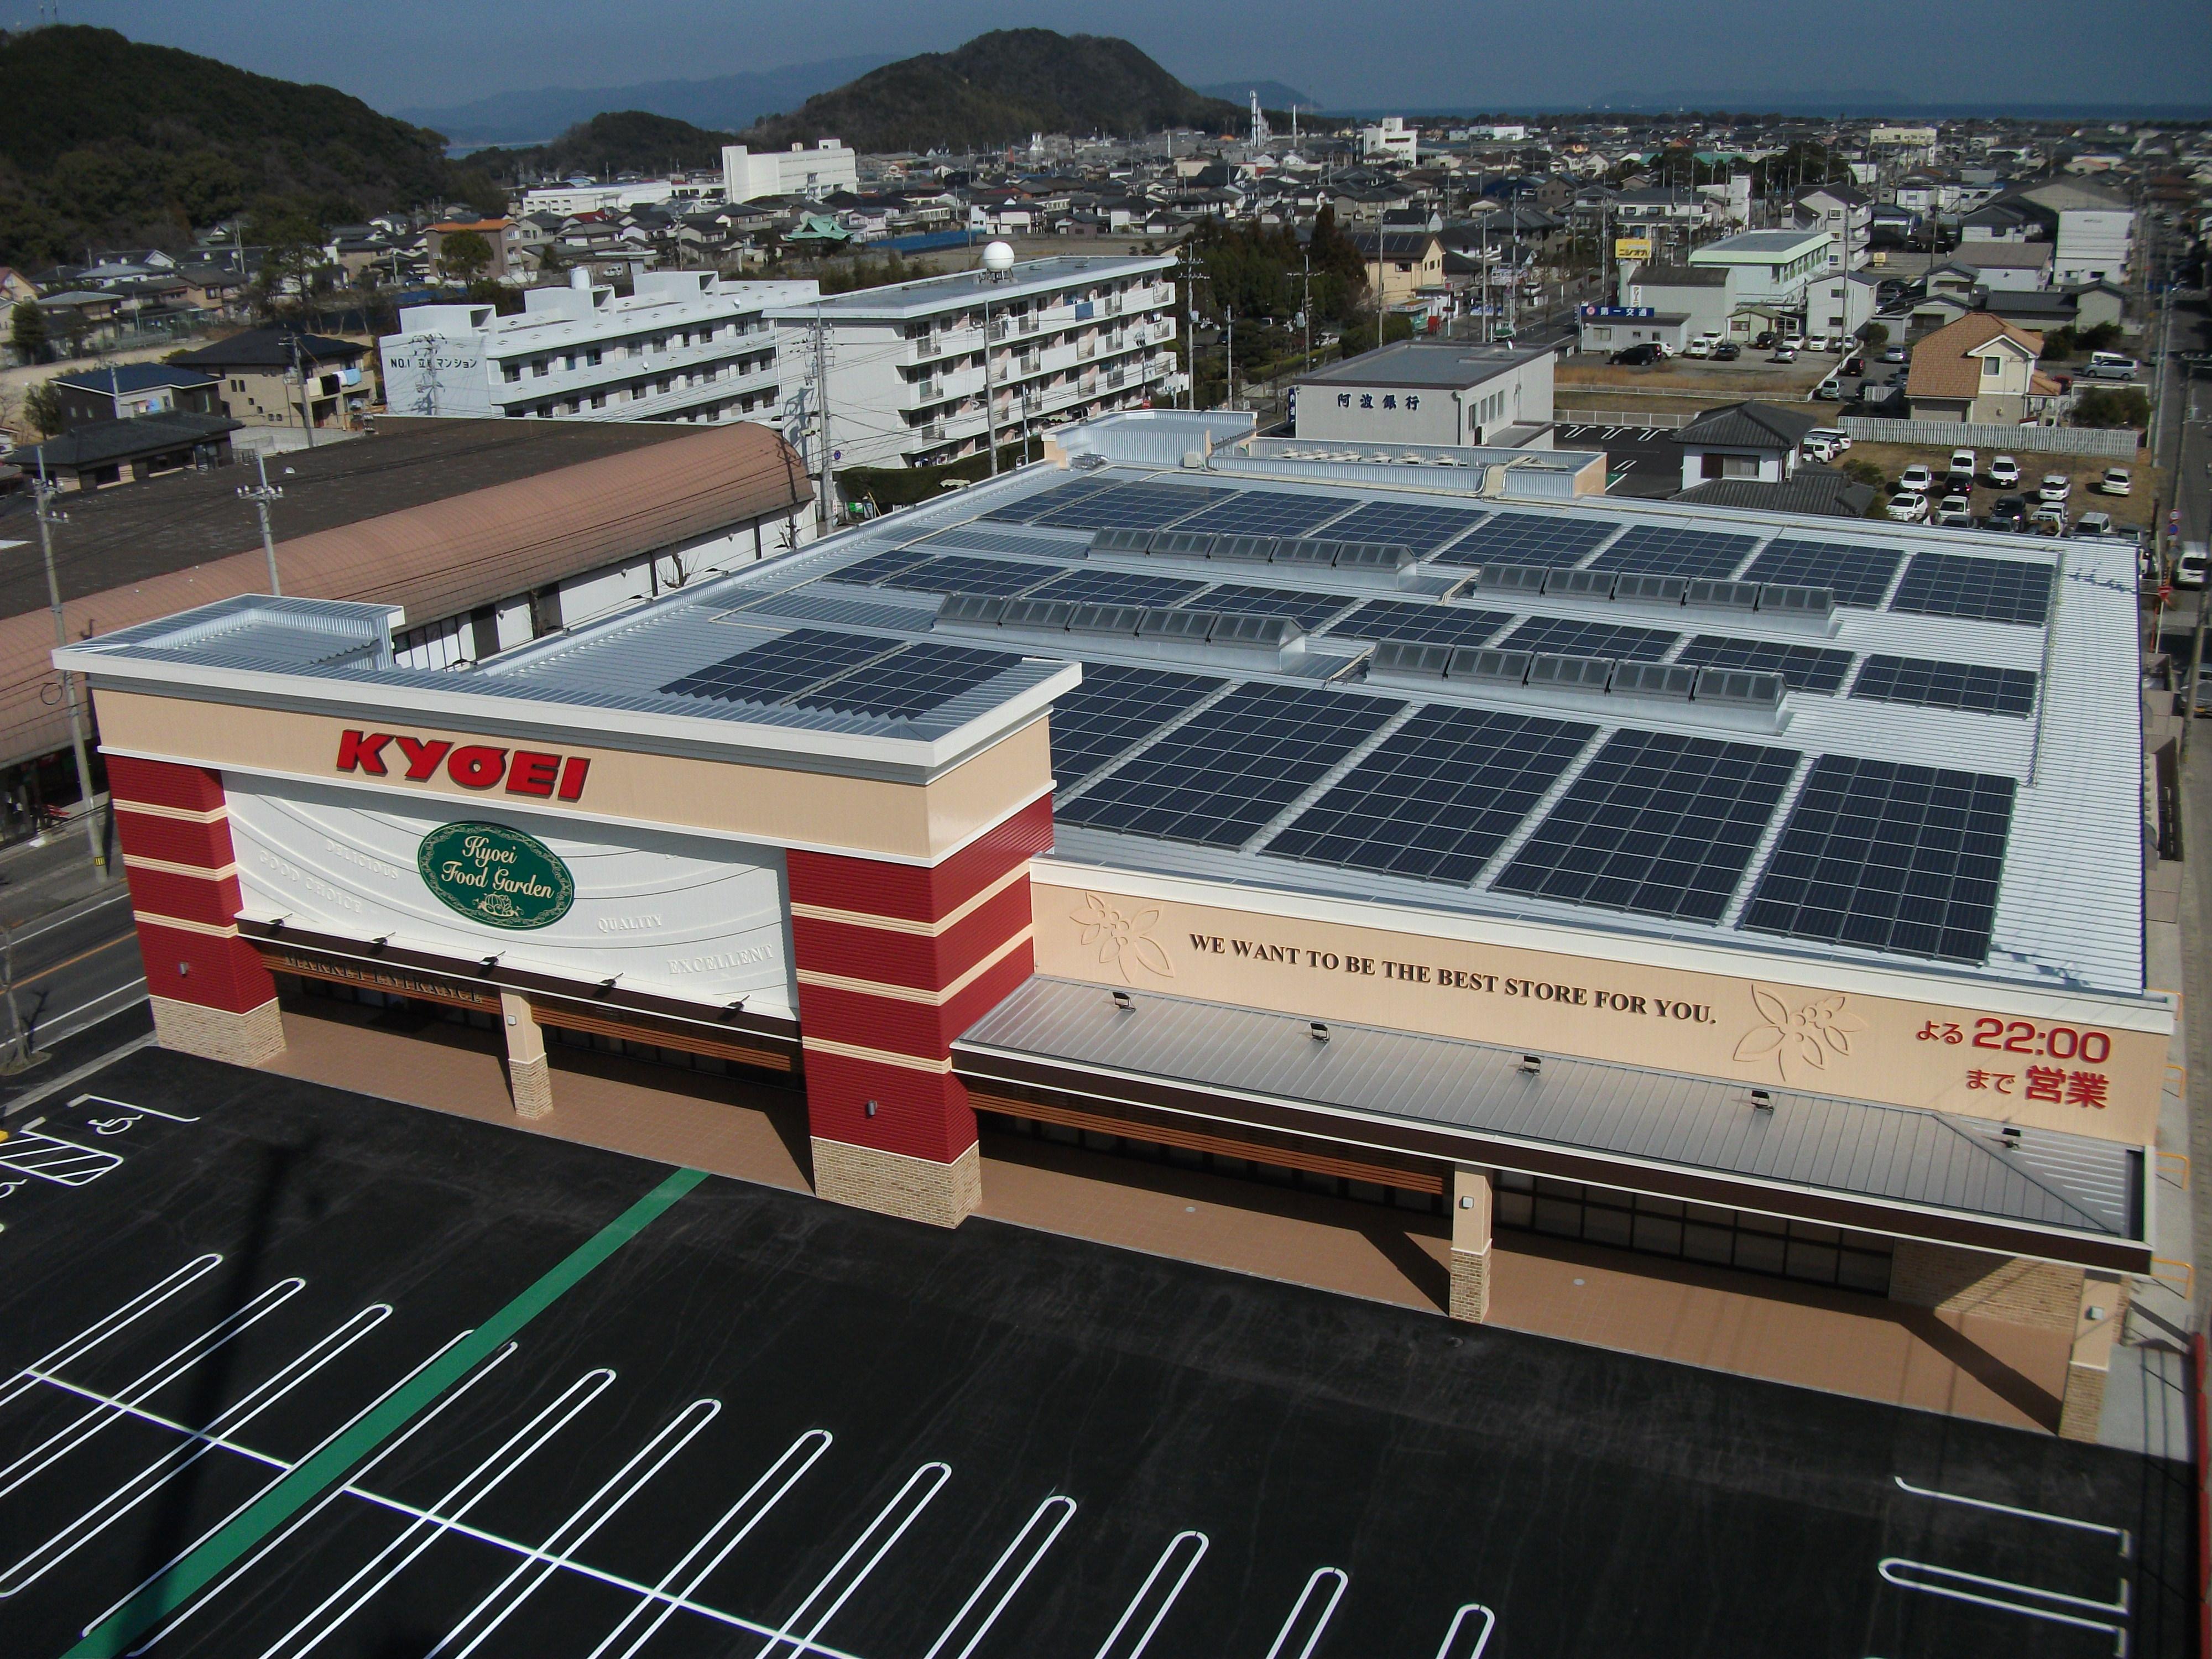 鳴門店エコロジーの取り組みキョーエイ店舗で初の「太陽光発電システム」を導入し、一日に一般住宅約43戸分の消費電力を発電することができます。(*一般住宅年間消費電力量3600kwkh/年)